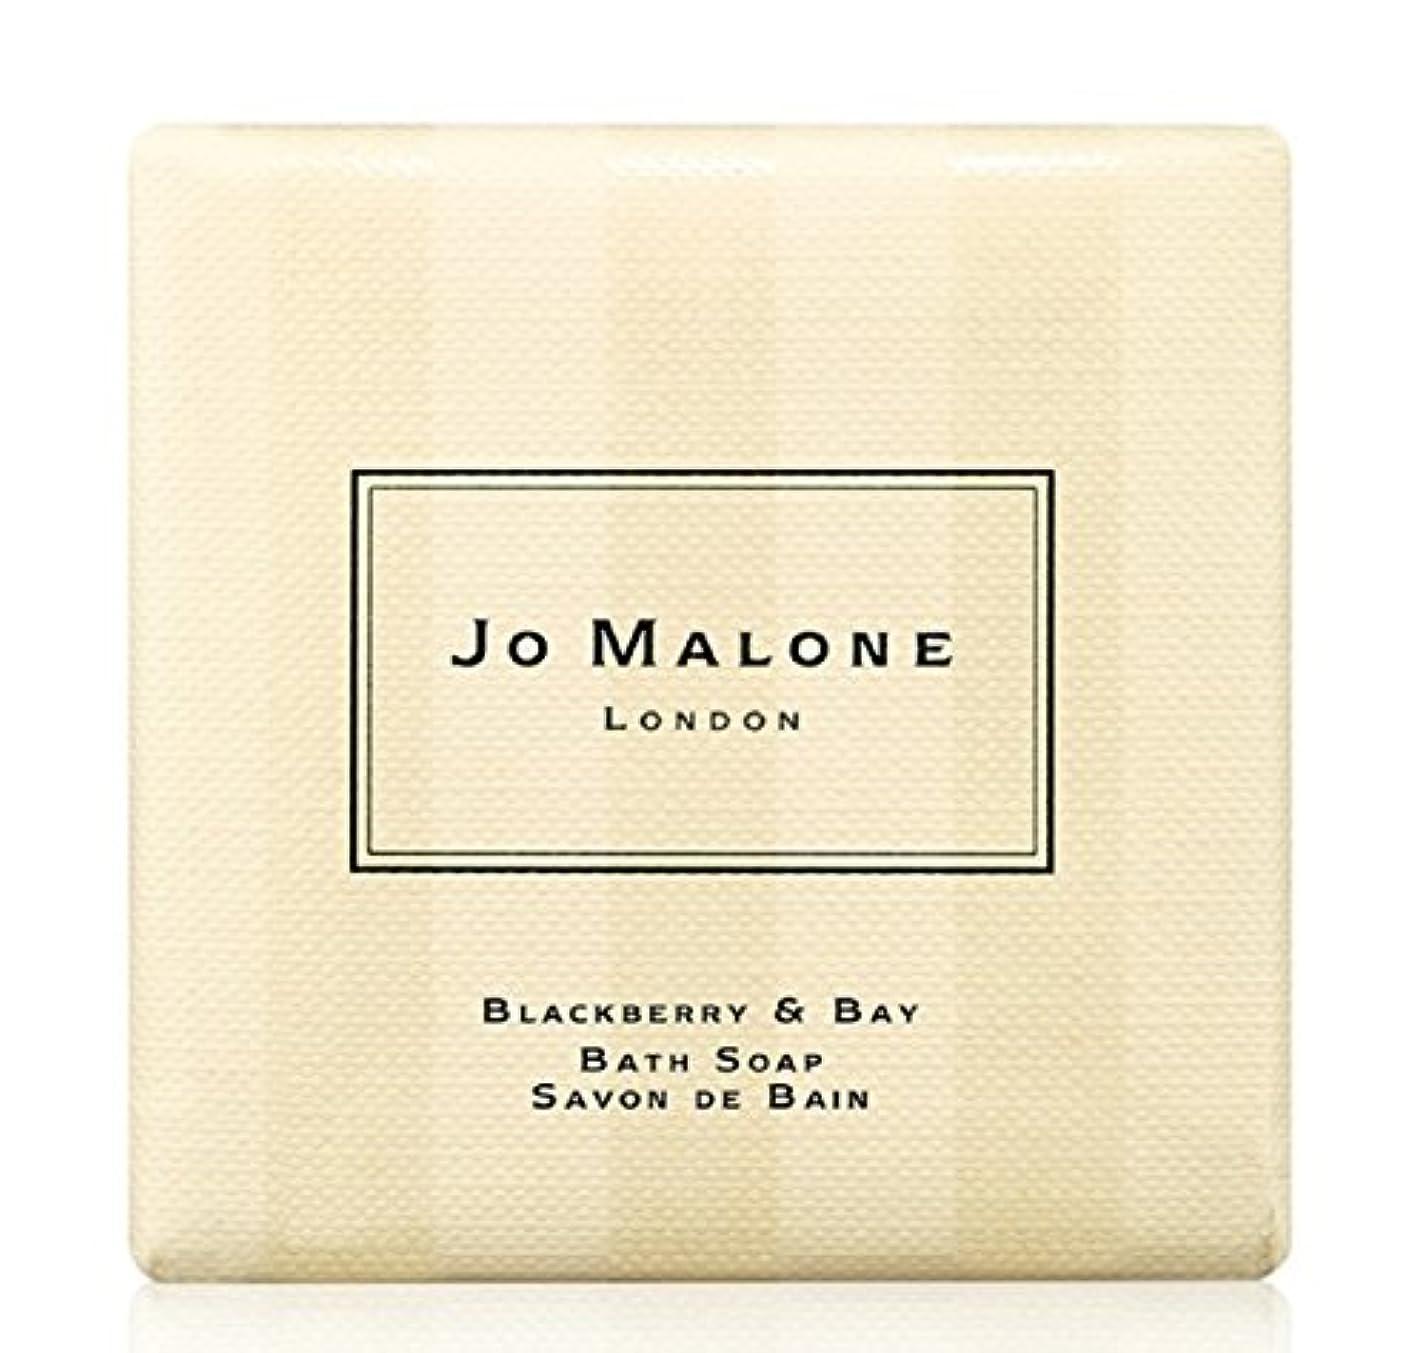 ハック発送聡明ジョーマローン ブラックベリー&ベイ バス ソープ 石鹸 100 g